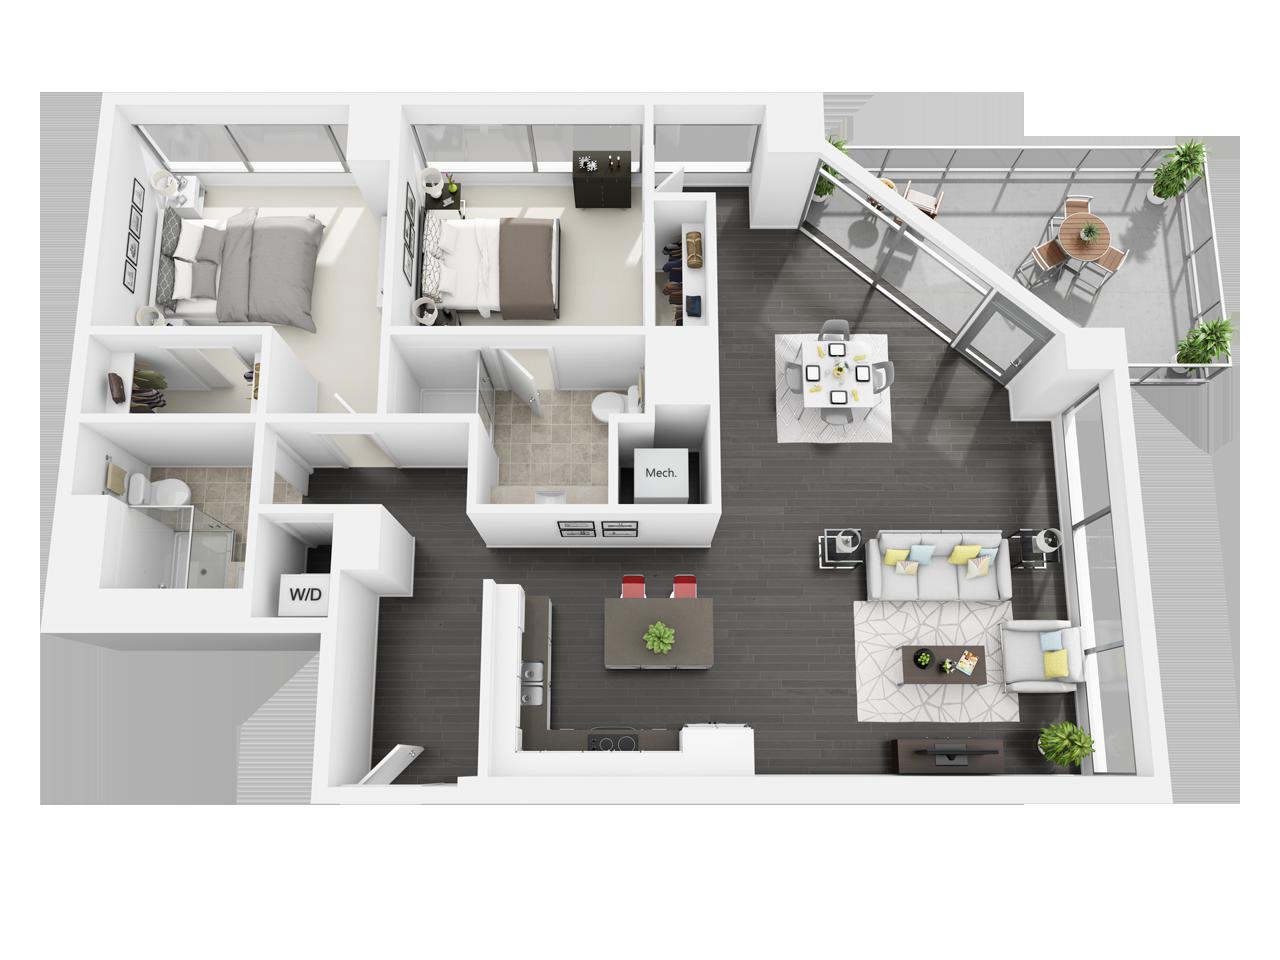 Plan De L Appartement Avec 2 Chambres Et 2 Salles De Bain En 2020 Plan De Maison Plans De Maisonnette Maison Sims